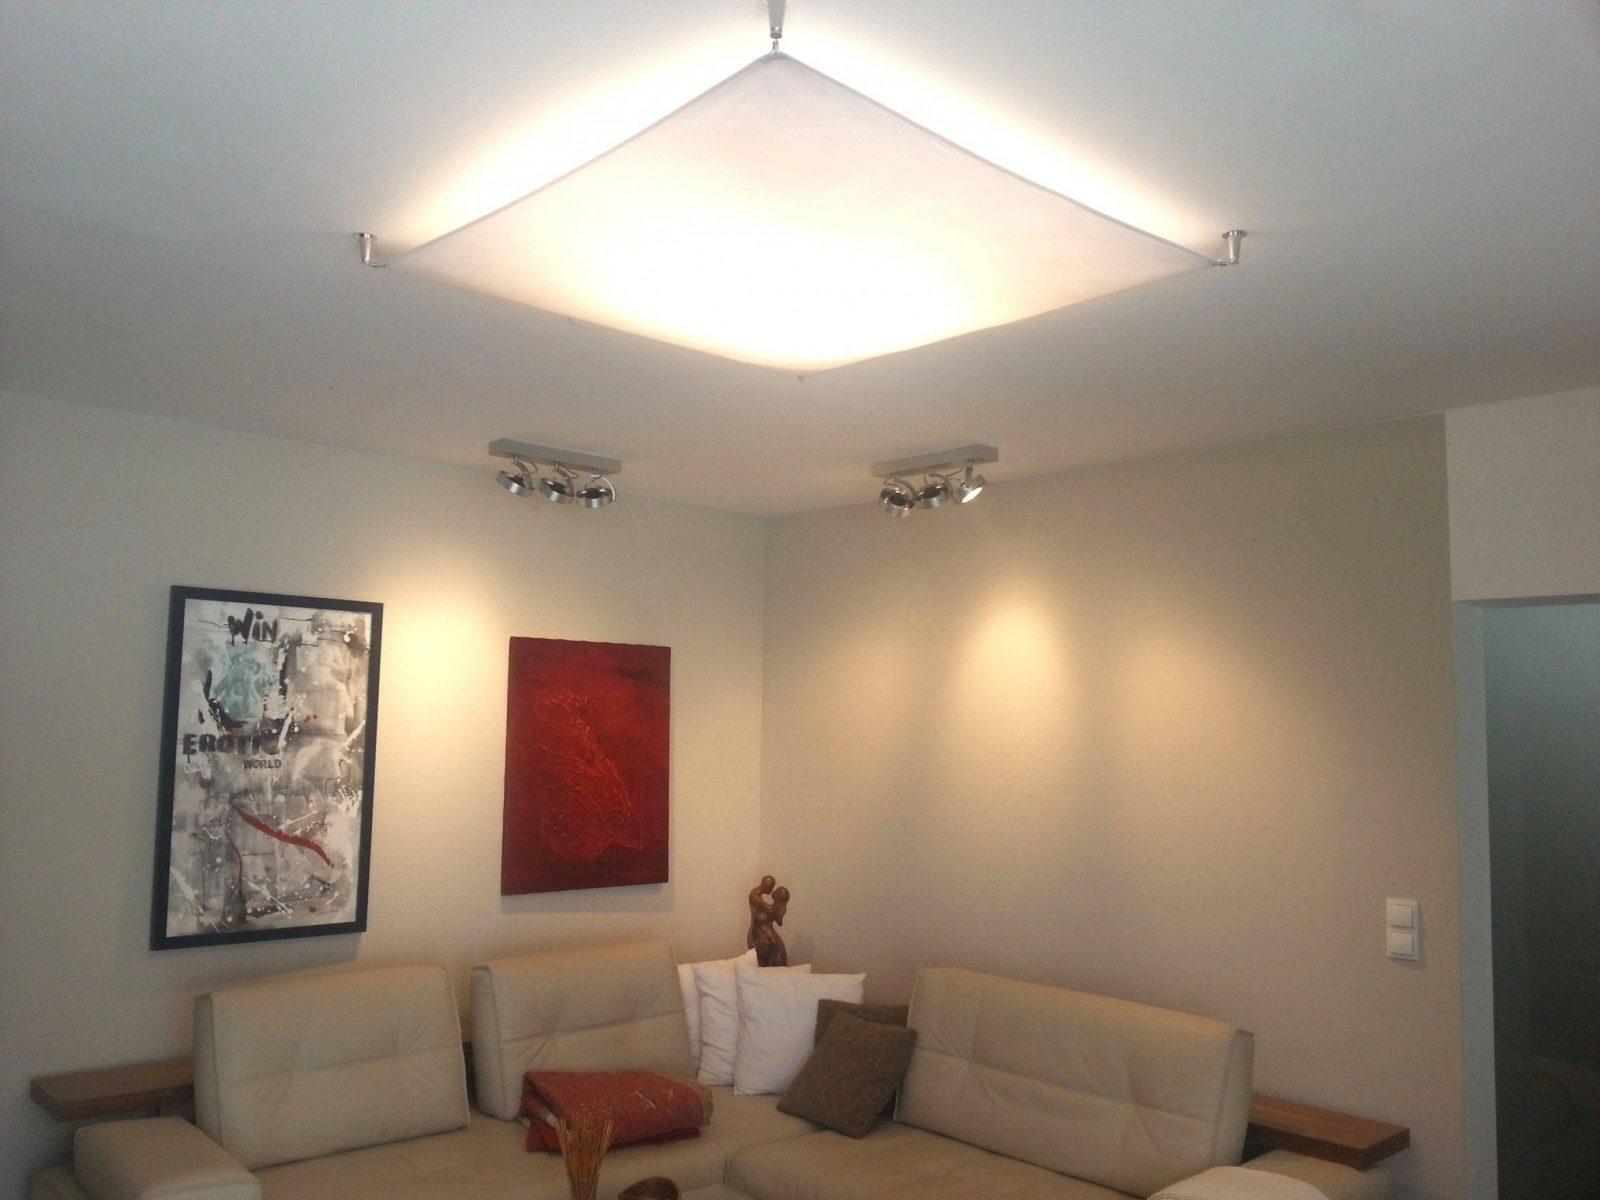 Das Beste Von 40 Indirekte Beleuchtung Selber Bauen Planen von Indirekte Wandbeleuchtung Selber Bauen Bild